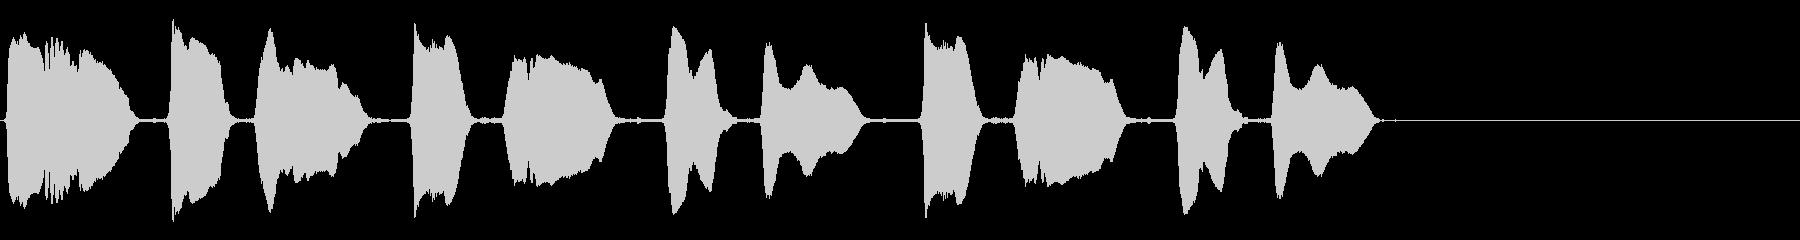 バリトンサックス:スキーキードンキ...の未再生の波形